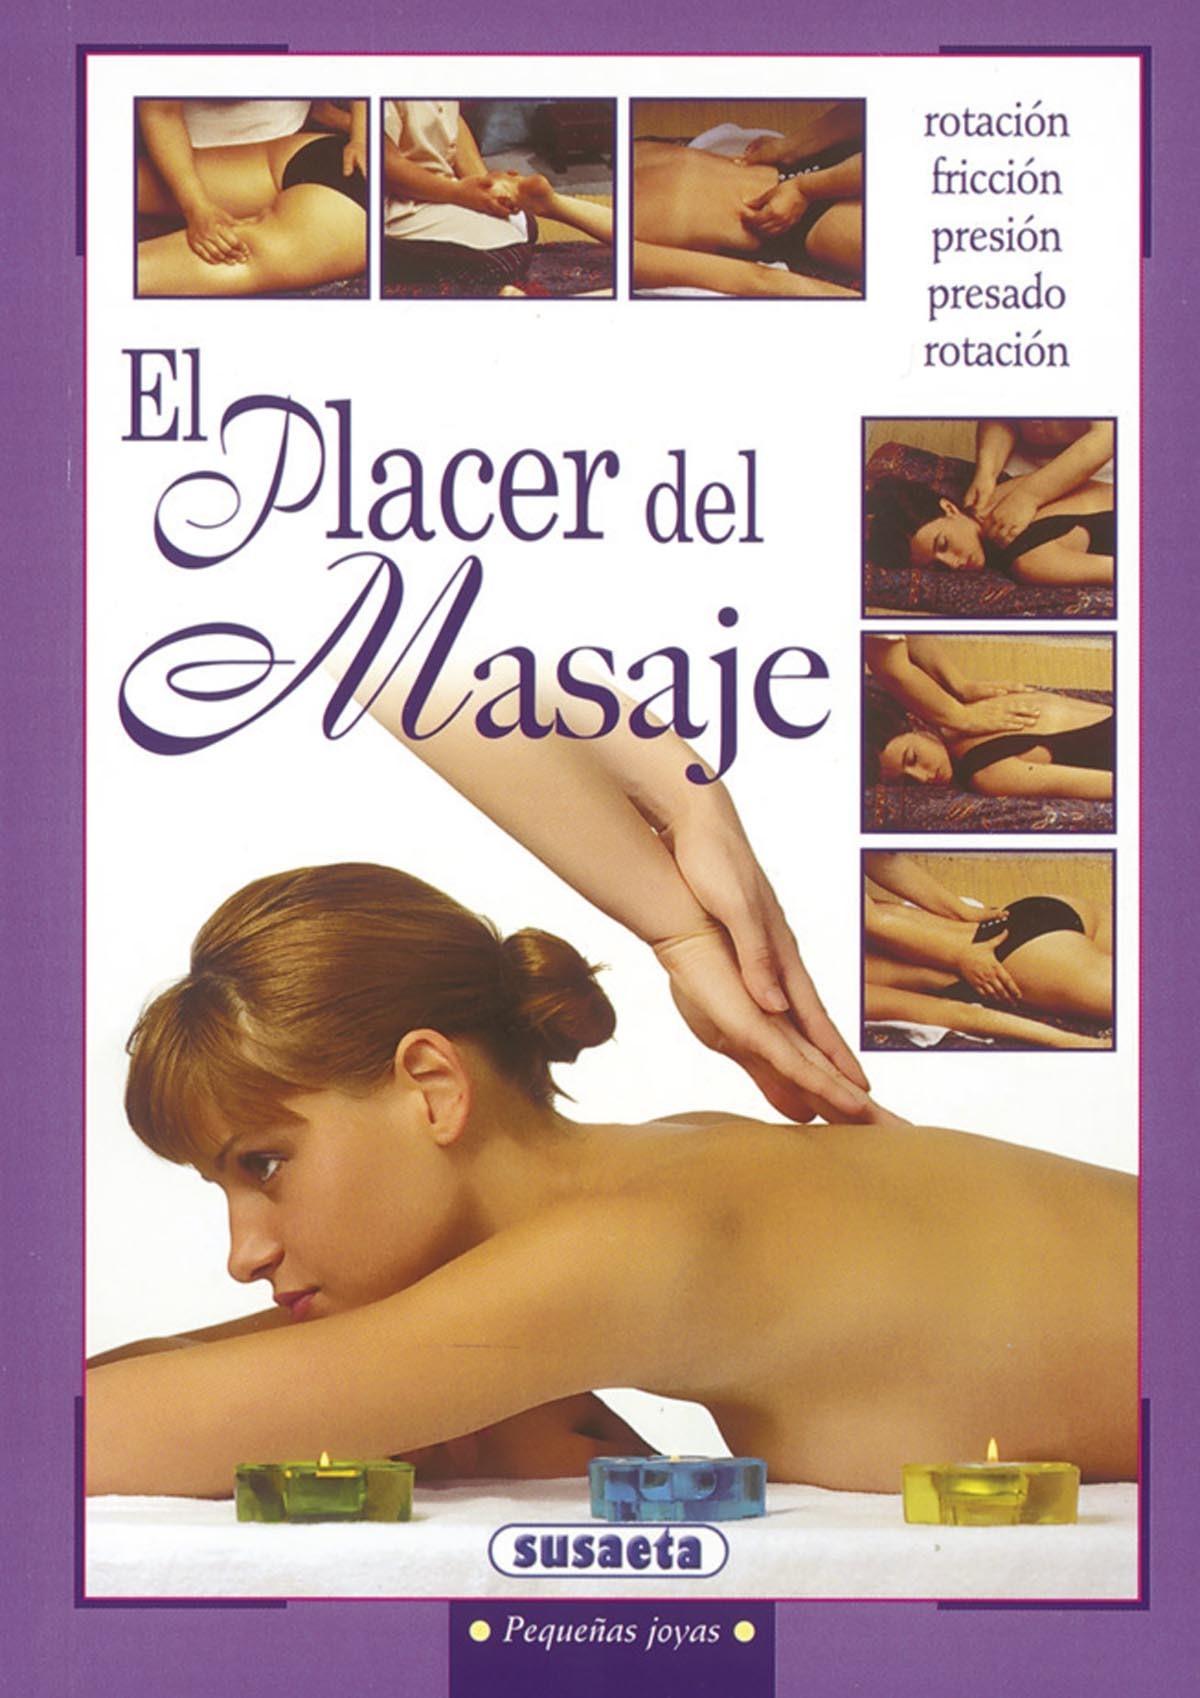 EL PLACER DEL MASAJE. FROTAMIENTO, FRICCIÓN, PRESIÓN, PERCUSIÓN